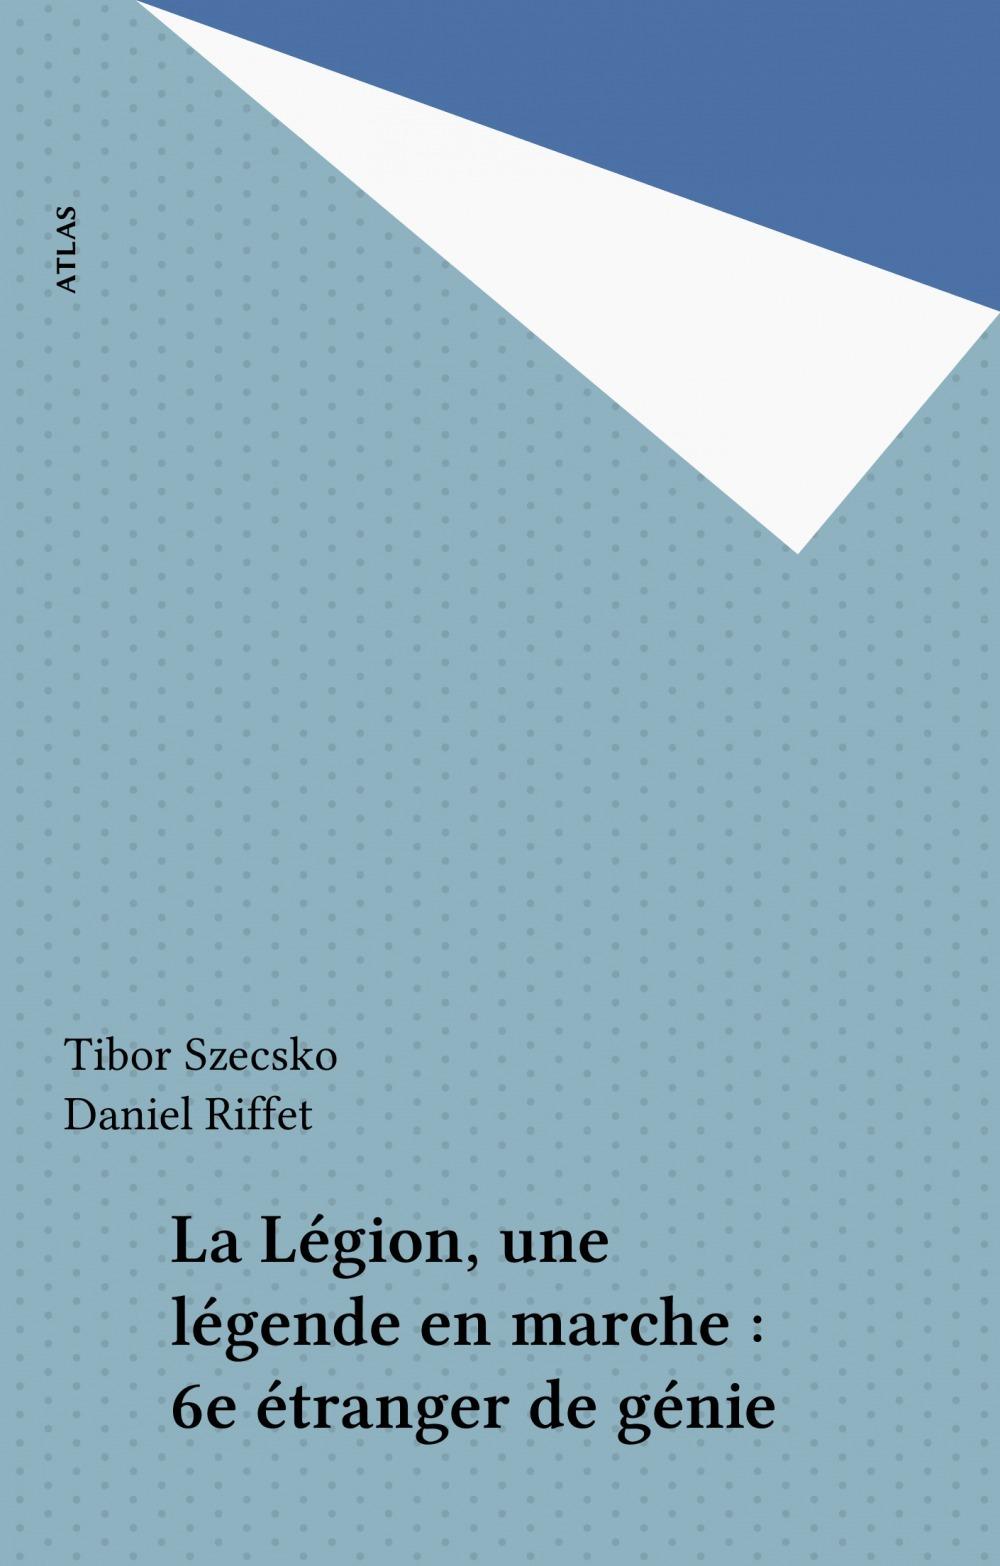 La legion, une legende en marche